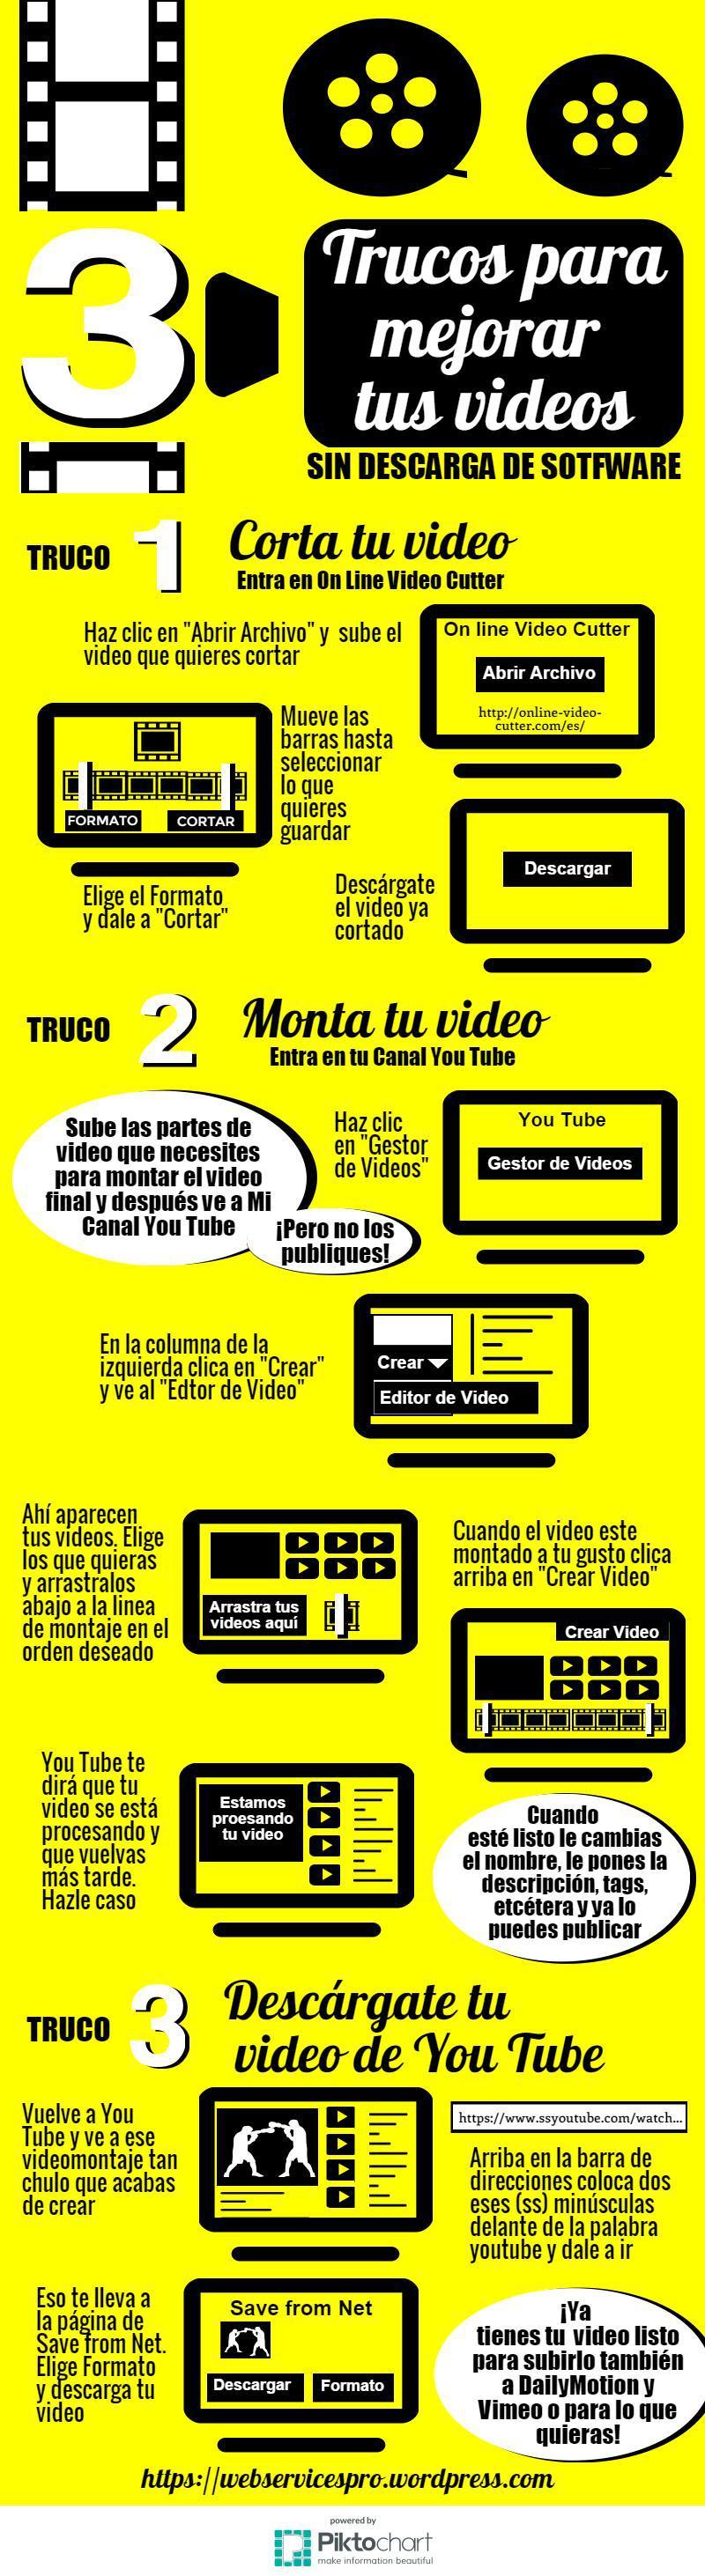 3 trucos para mejorar tus vídeos sin software